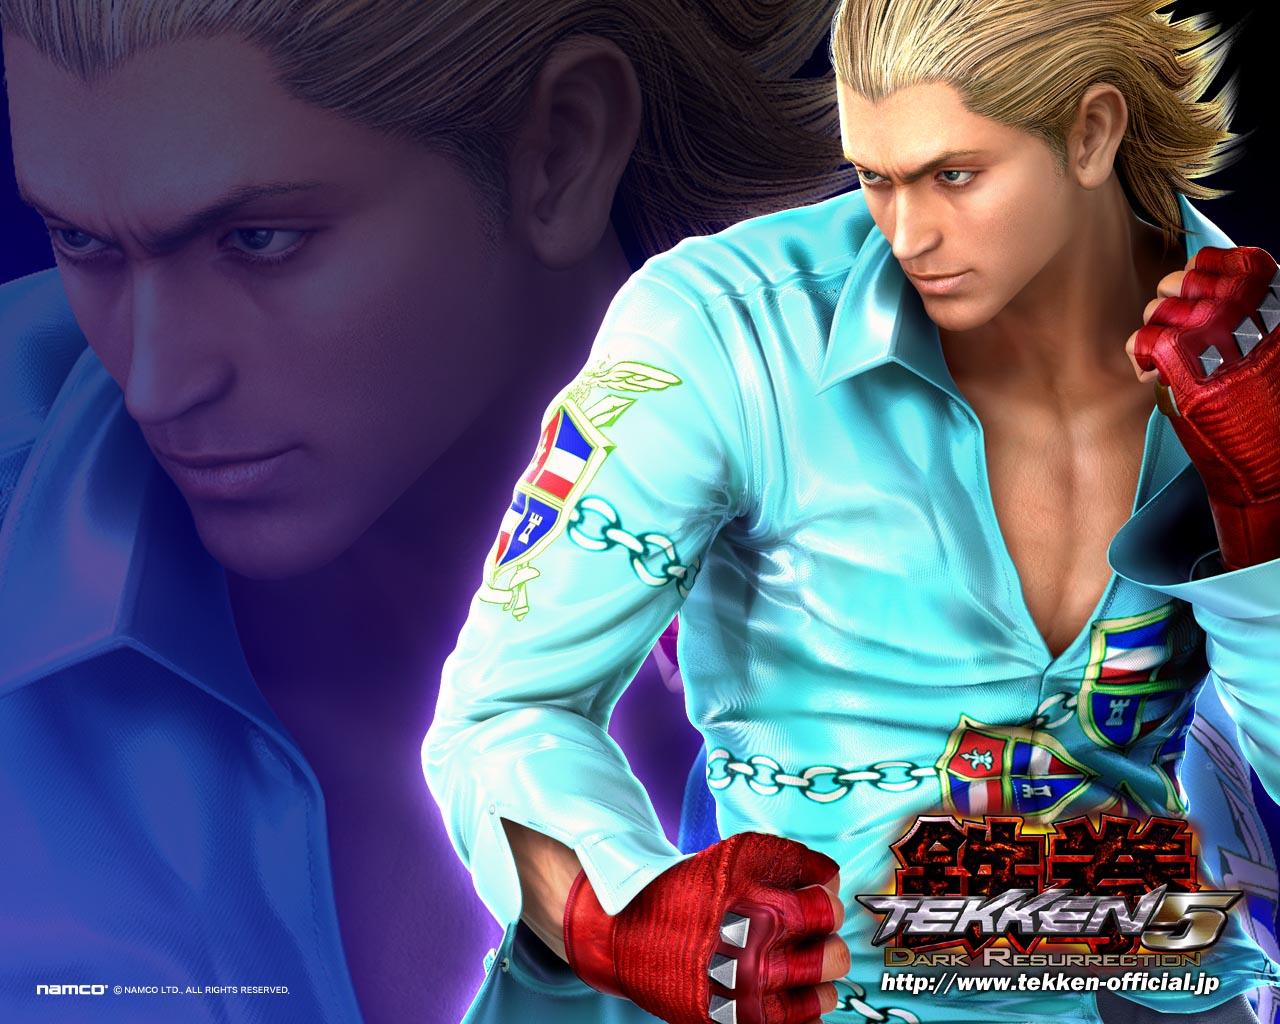 Free Download Steve Fox Tekken 5 Dark Resurrection 1280x1024 For